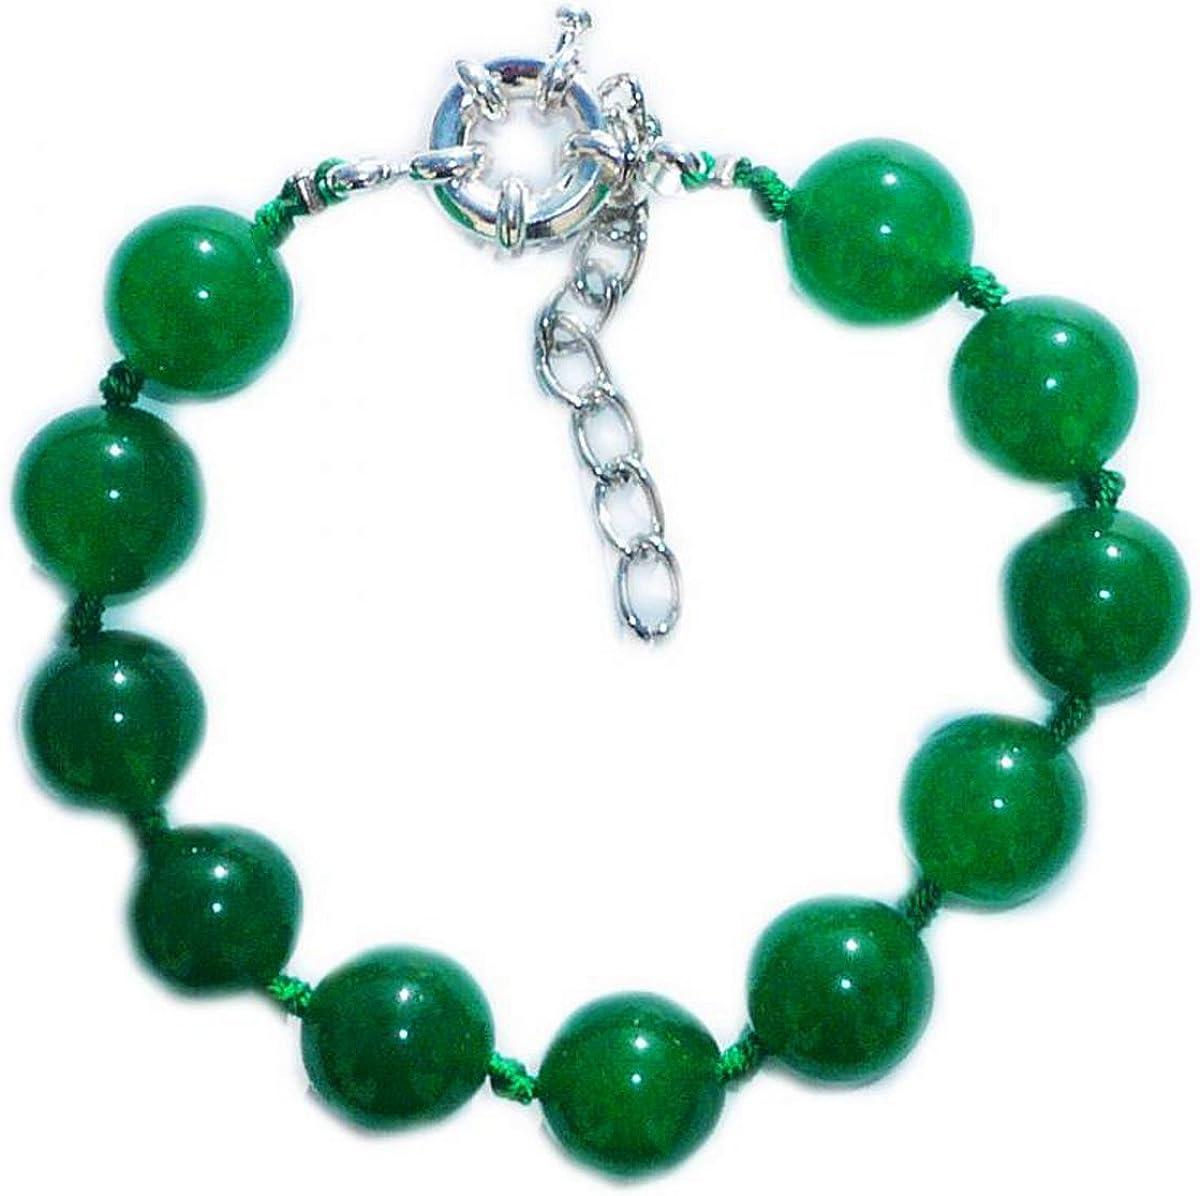 Pulsera de jade verde oscuro (jadeíta) perlas de 8 mm de diámetro